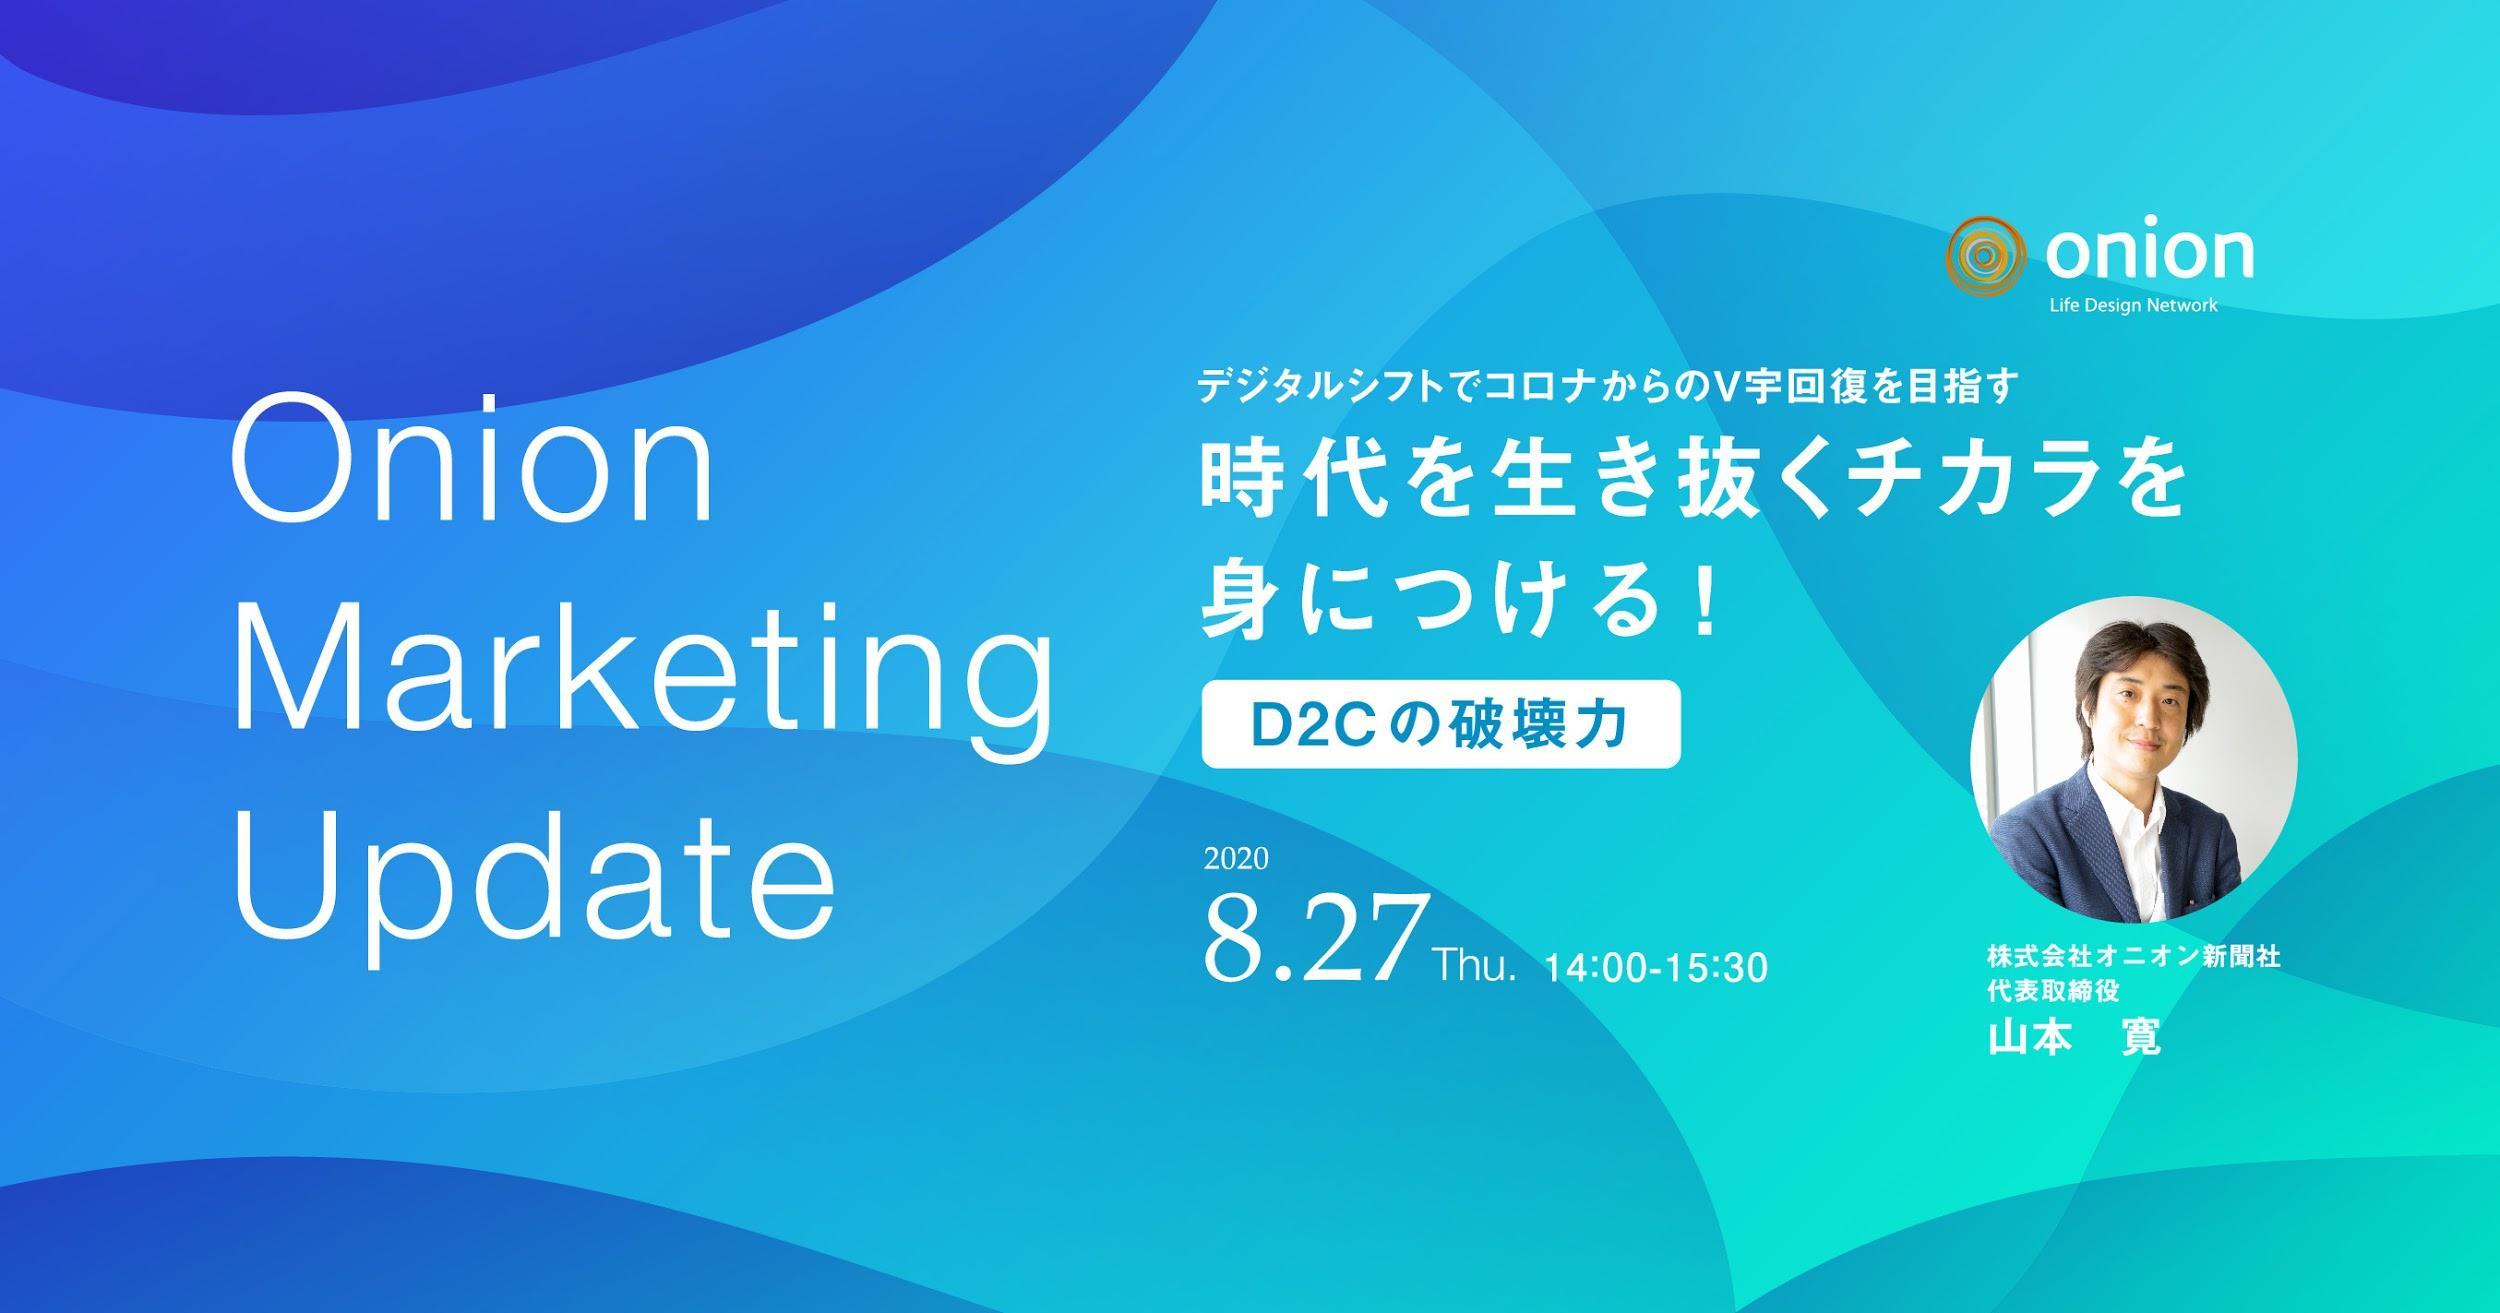 Onion Marketing Update オンラインセミナーを開催 8月27日